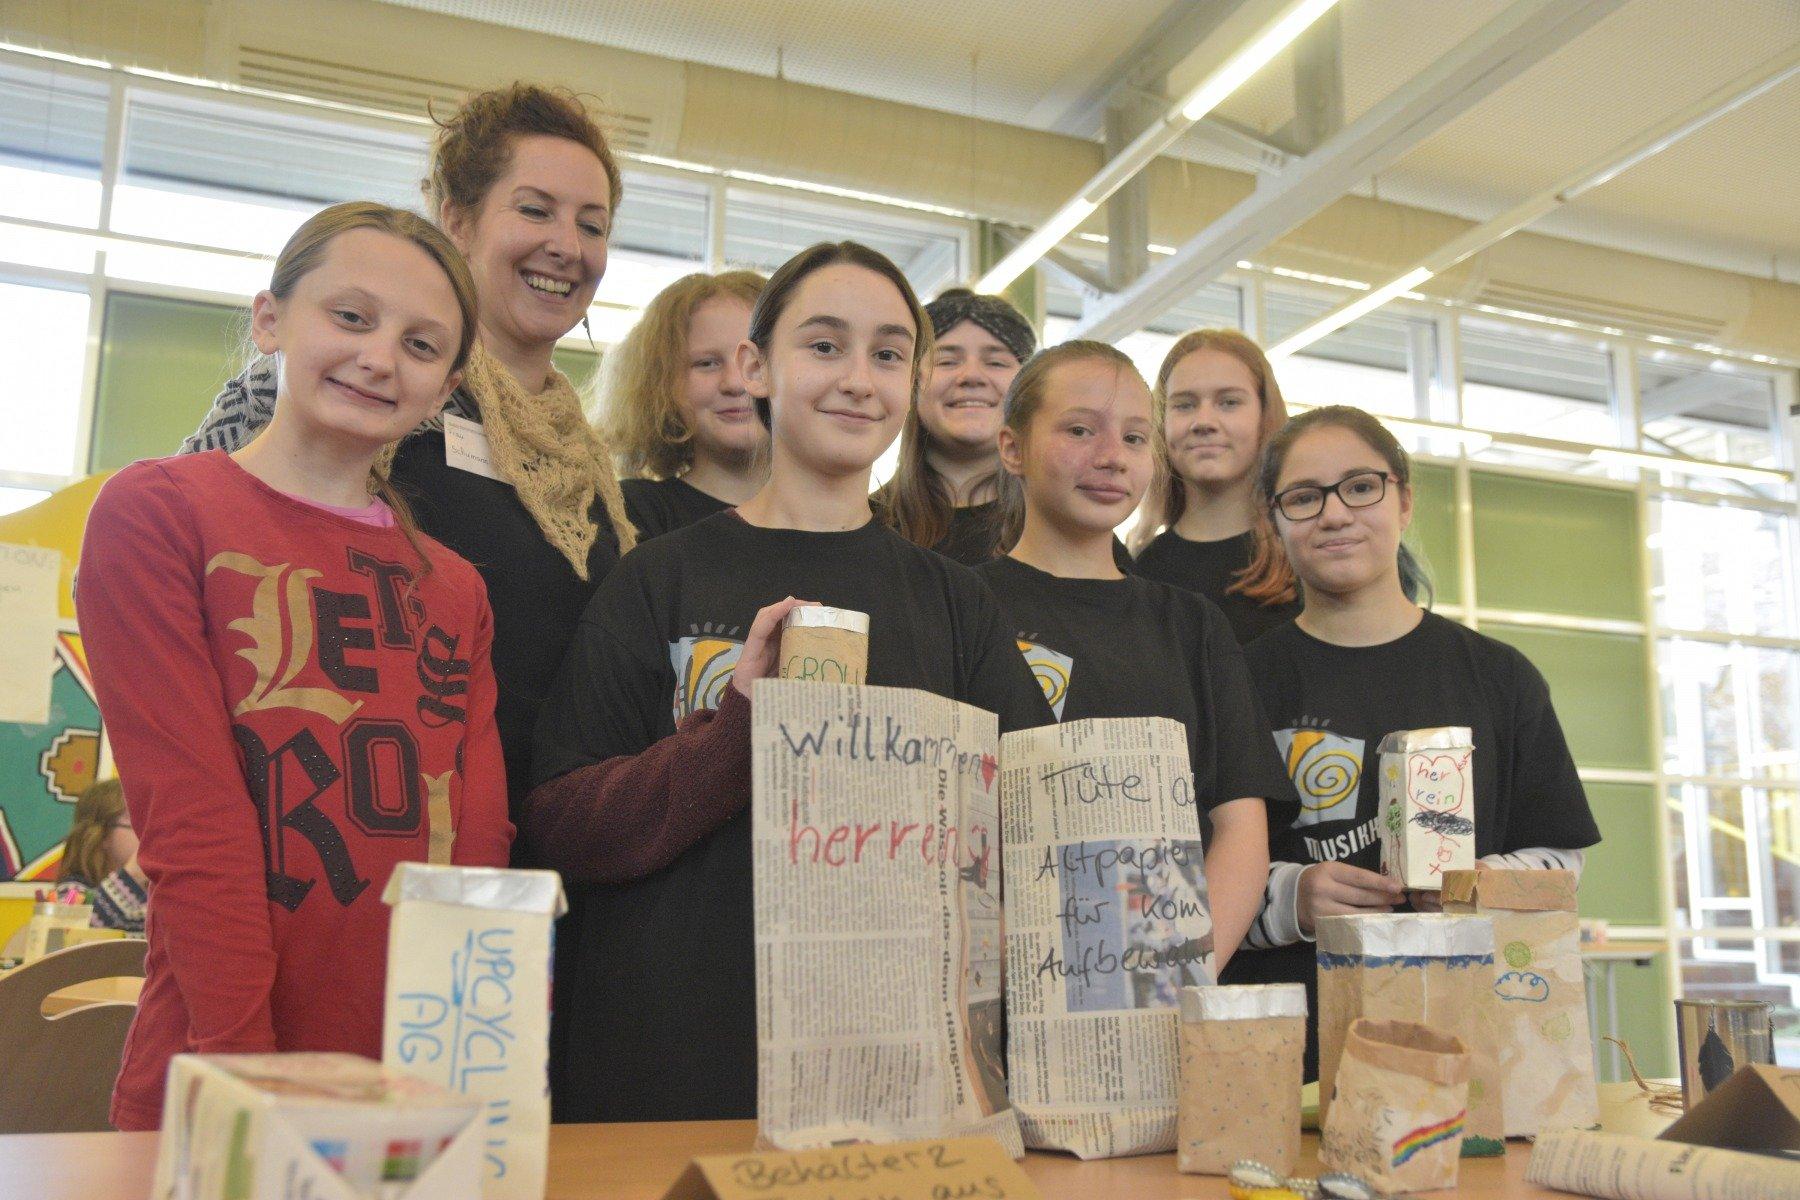 Die Mitglieder der neugegründeten Upcycling-AG investieren ihre Freizeit, um Nachhaltigkeits-Ideen zu entwickeln. (Fotos: IN-StadtMagazine)